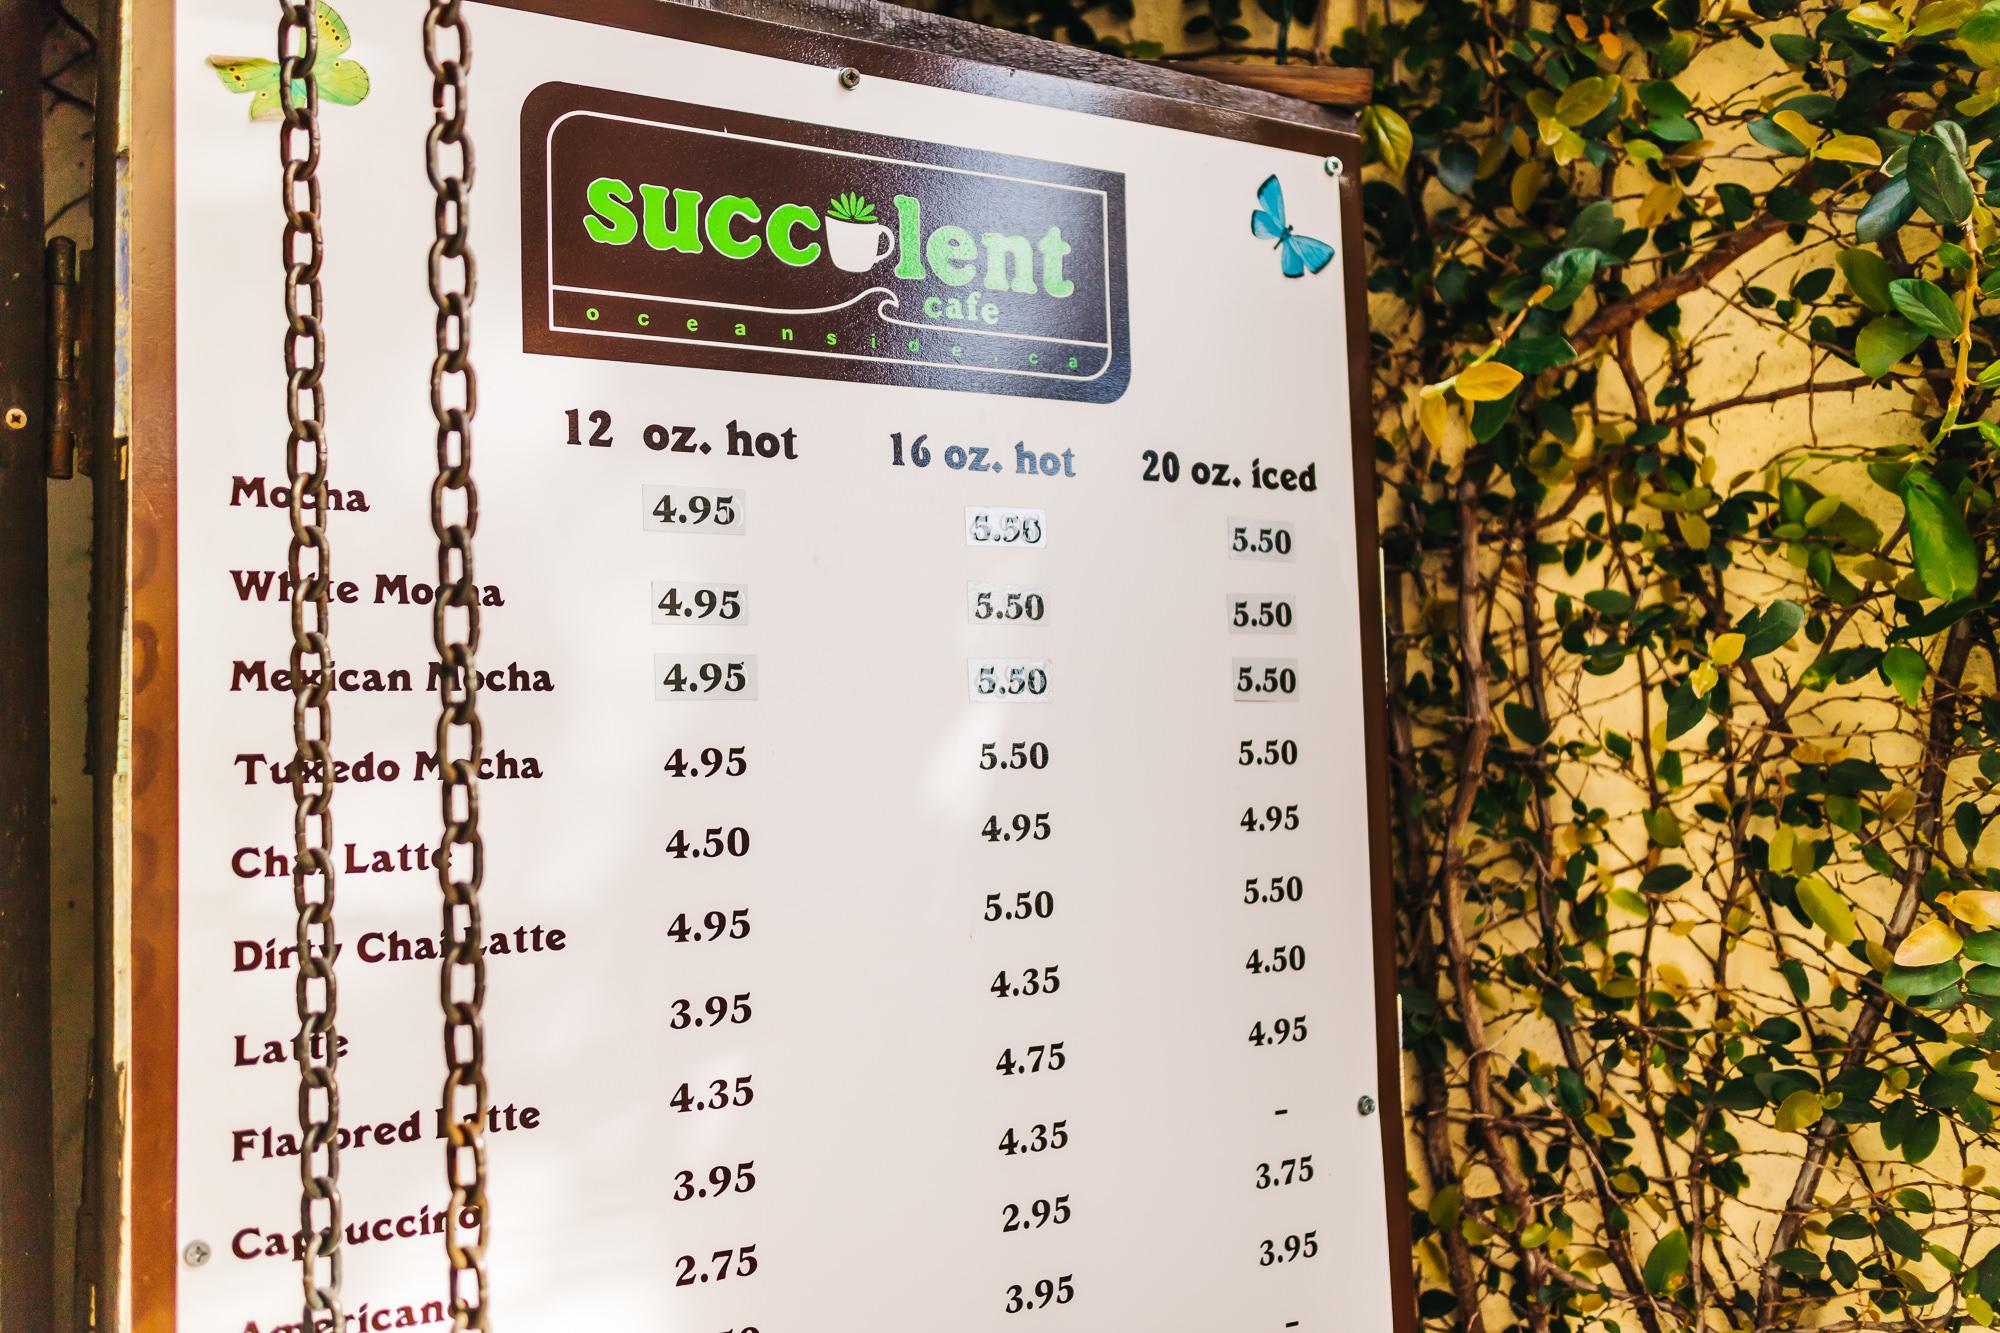 SUCCULENT CAFE + WWW.THETRAVELPOCKETS.COM